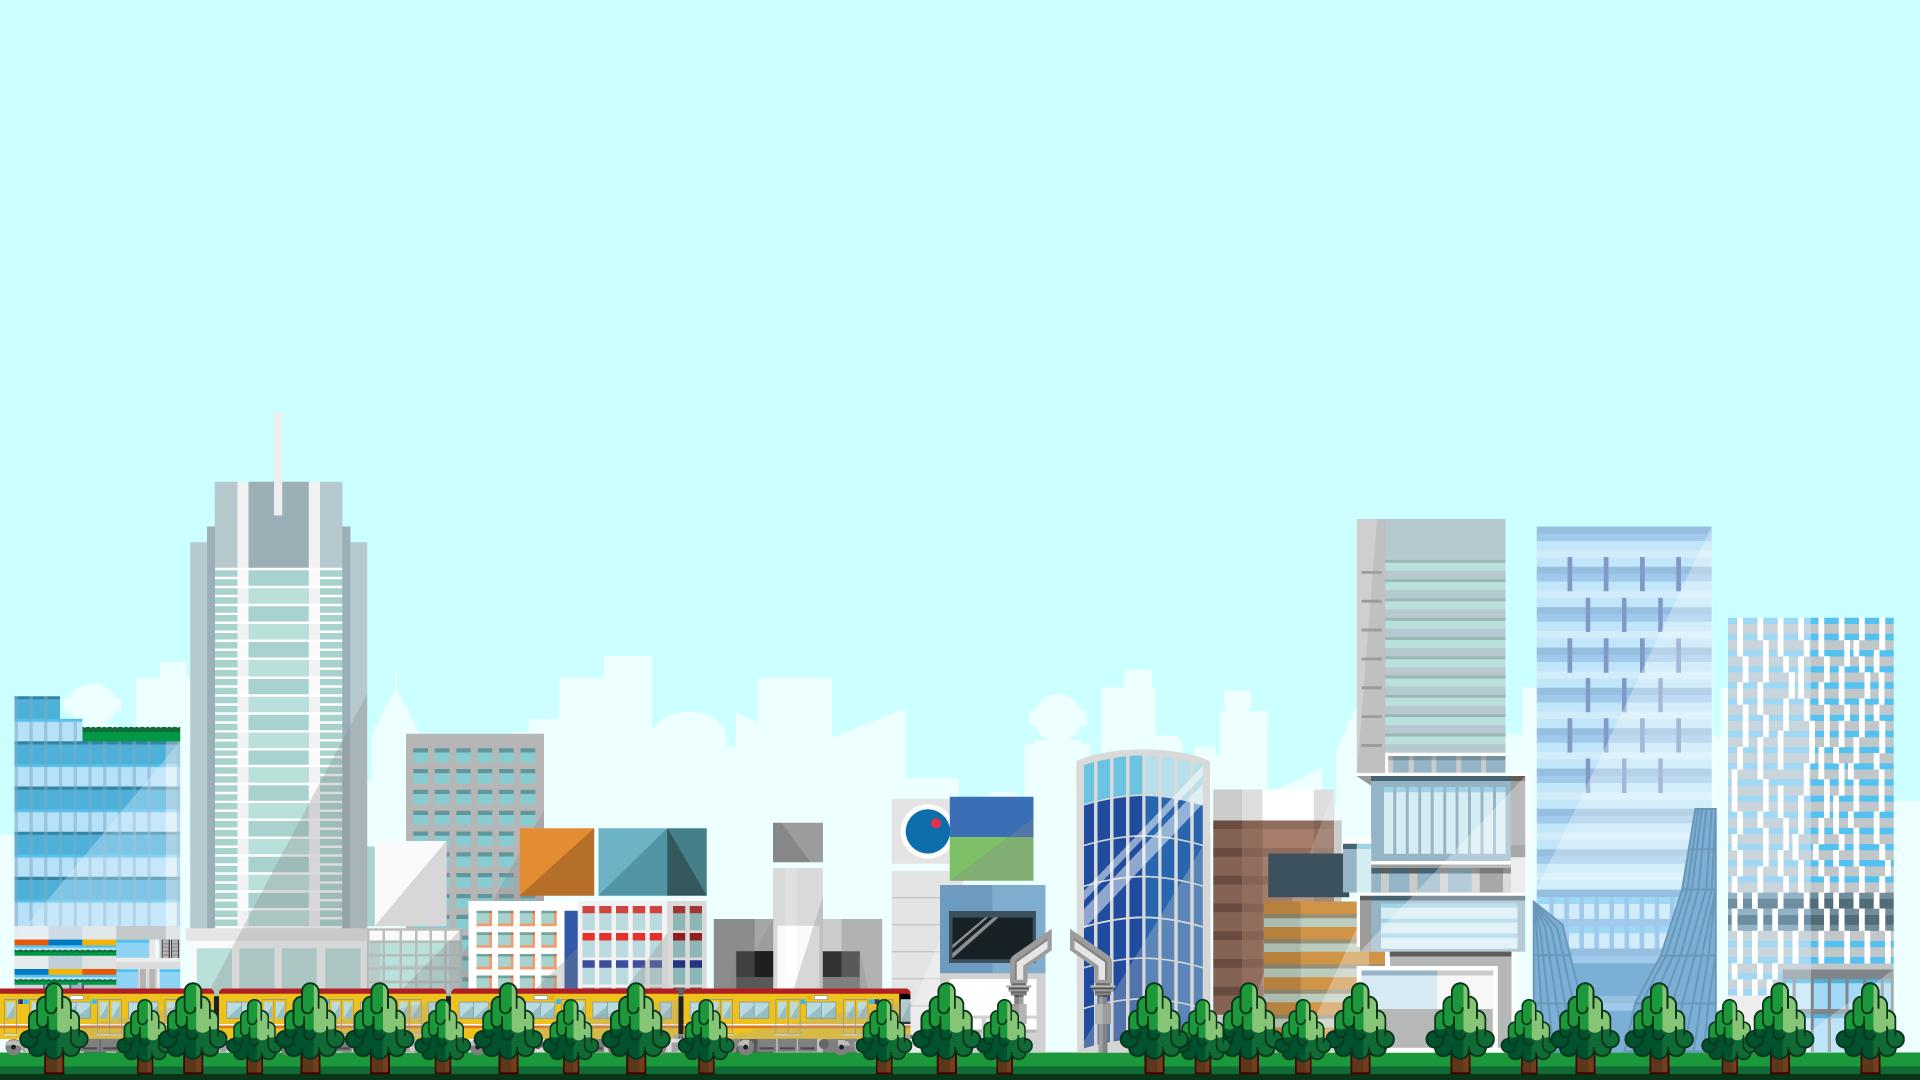 渋谷のイメージ